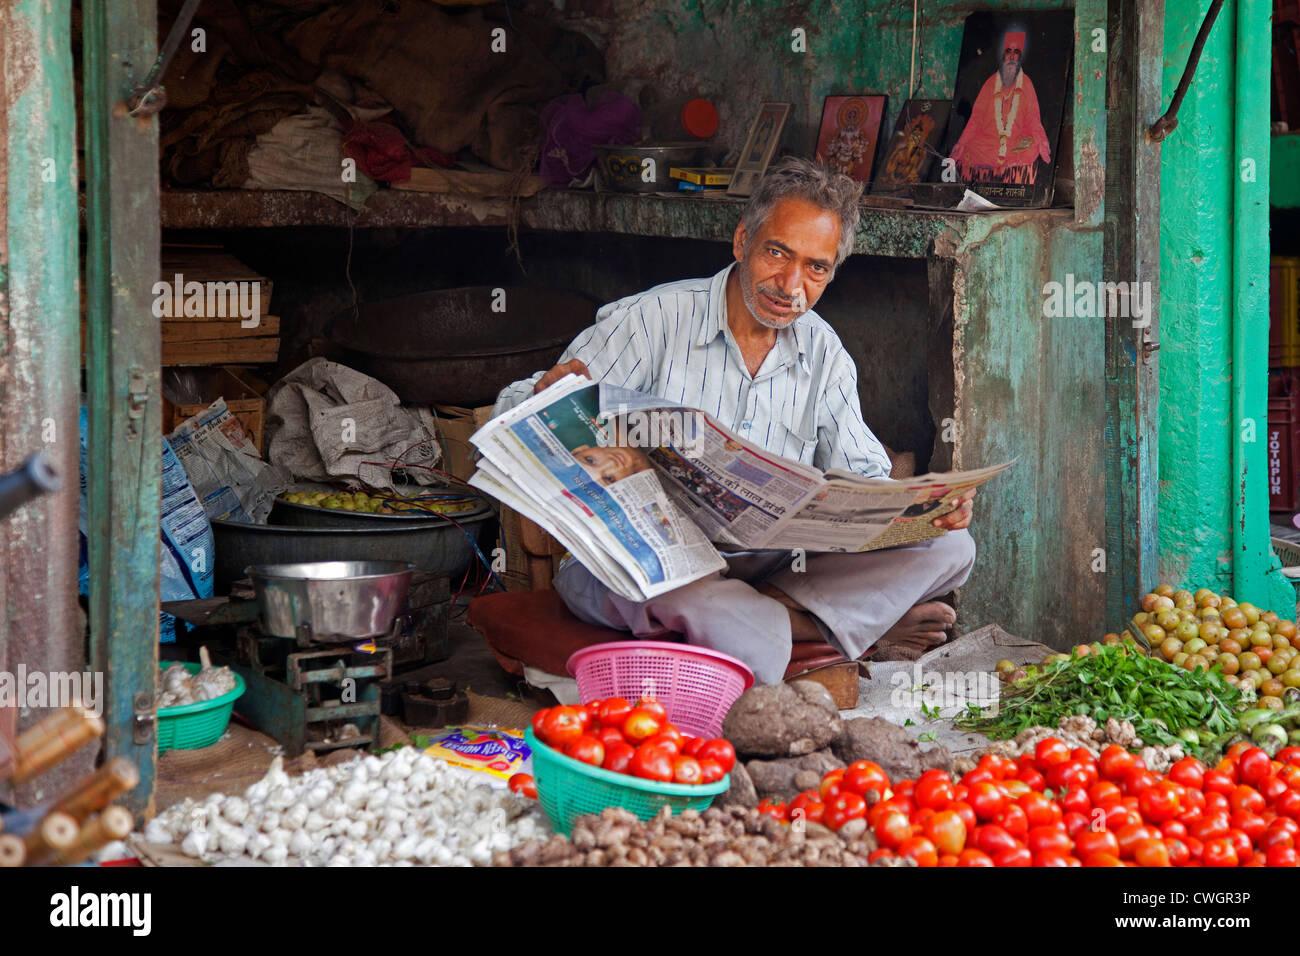 Negoziante leggendo il giornale in negozio di alimentari vendita di verdure a Jodhpur, Rajasthan, India Immagini Stock